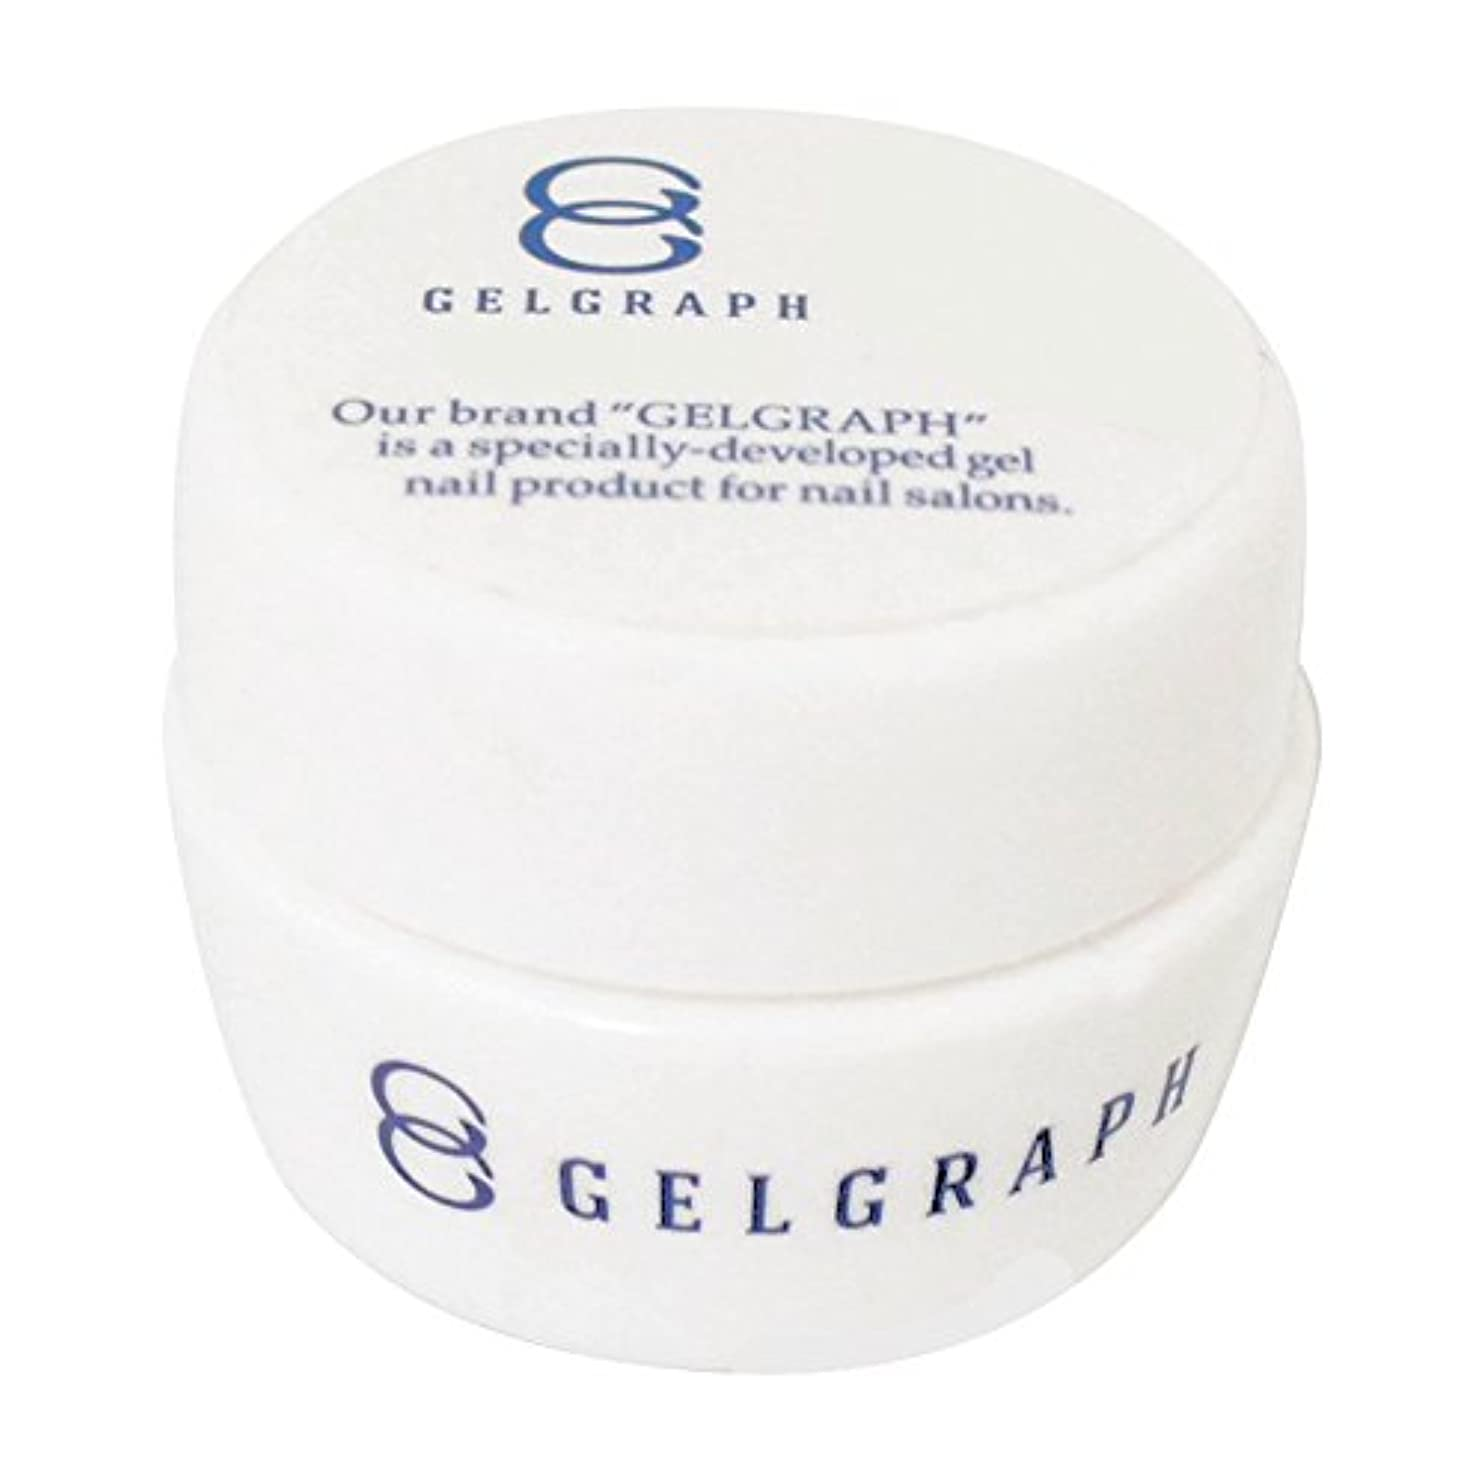 GELGRAPH カラージェル 128SG キウイモヒート 5g UV/LED対応 ソークオフジェル